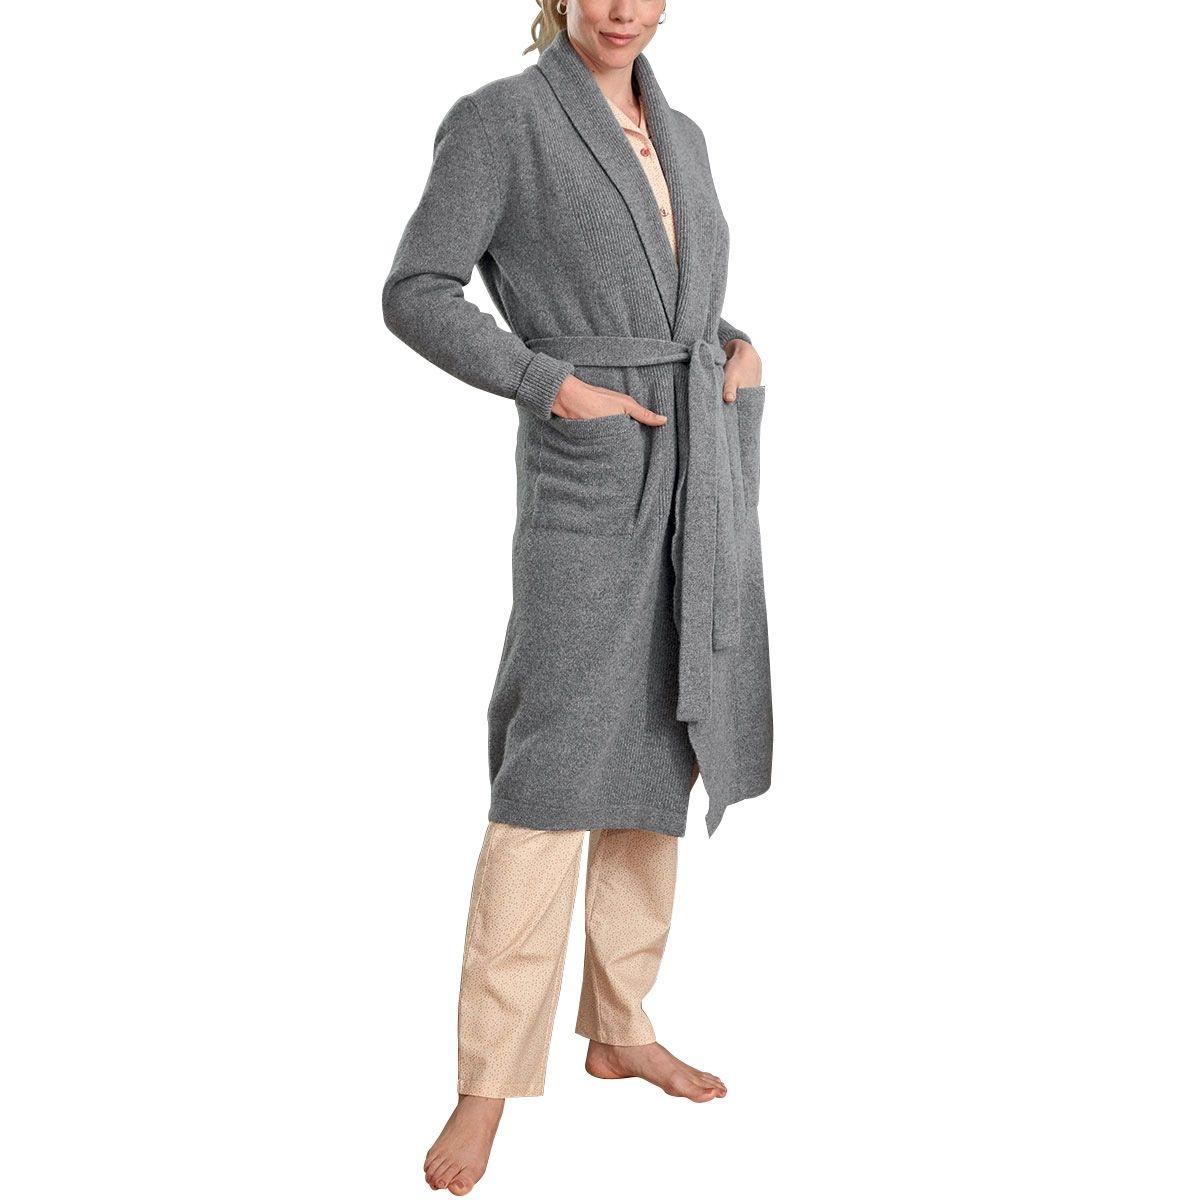 La robe de chambre femme en tricot, Made in France